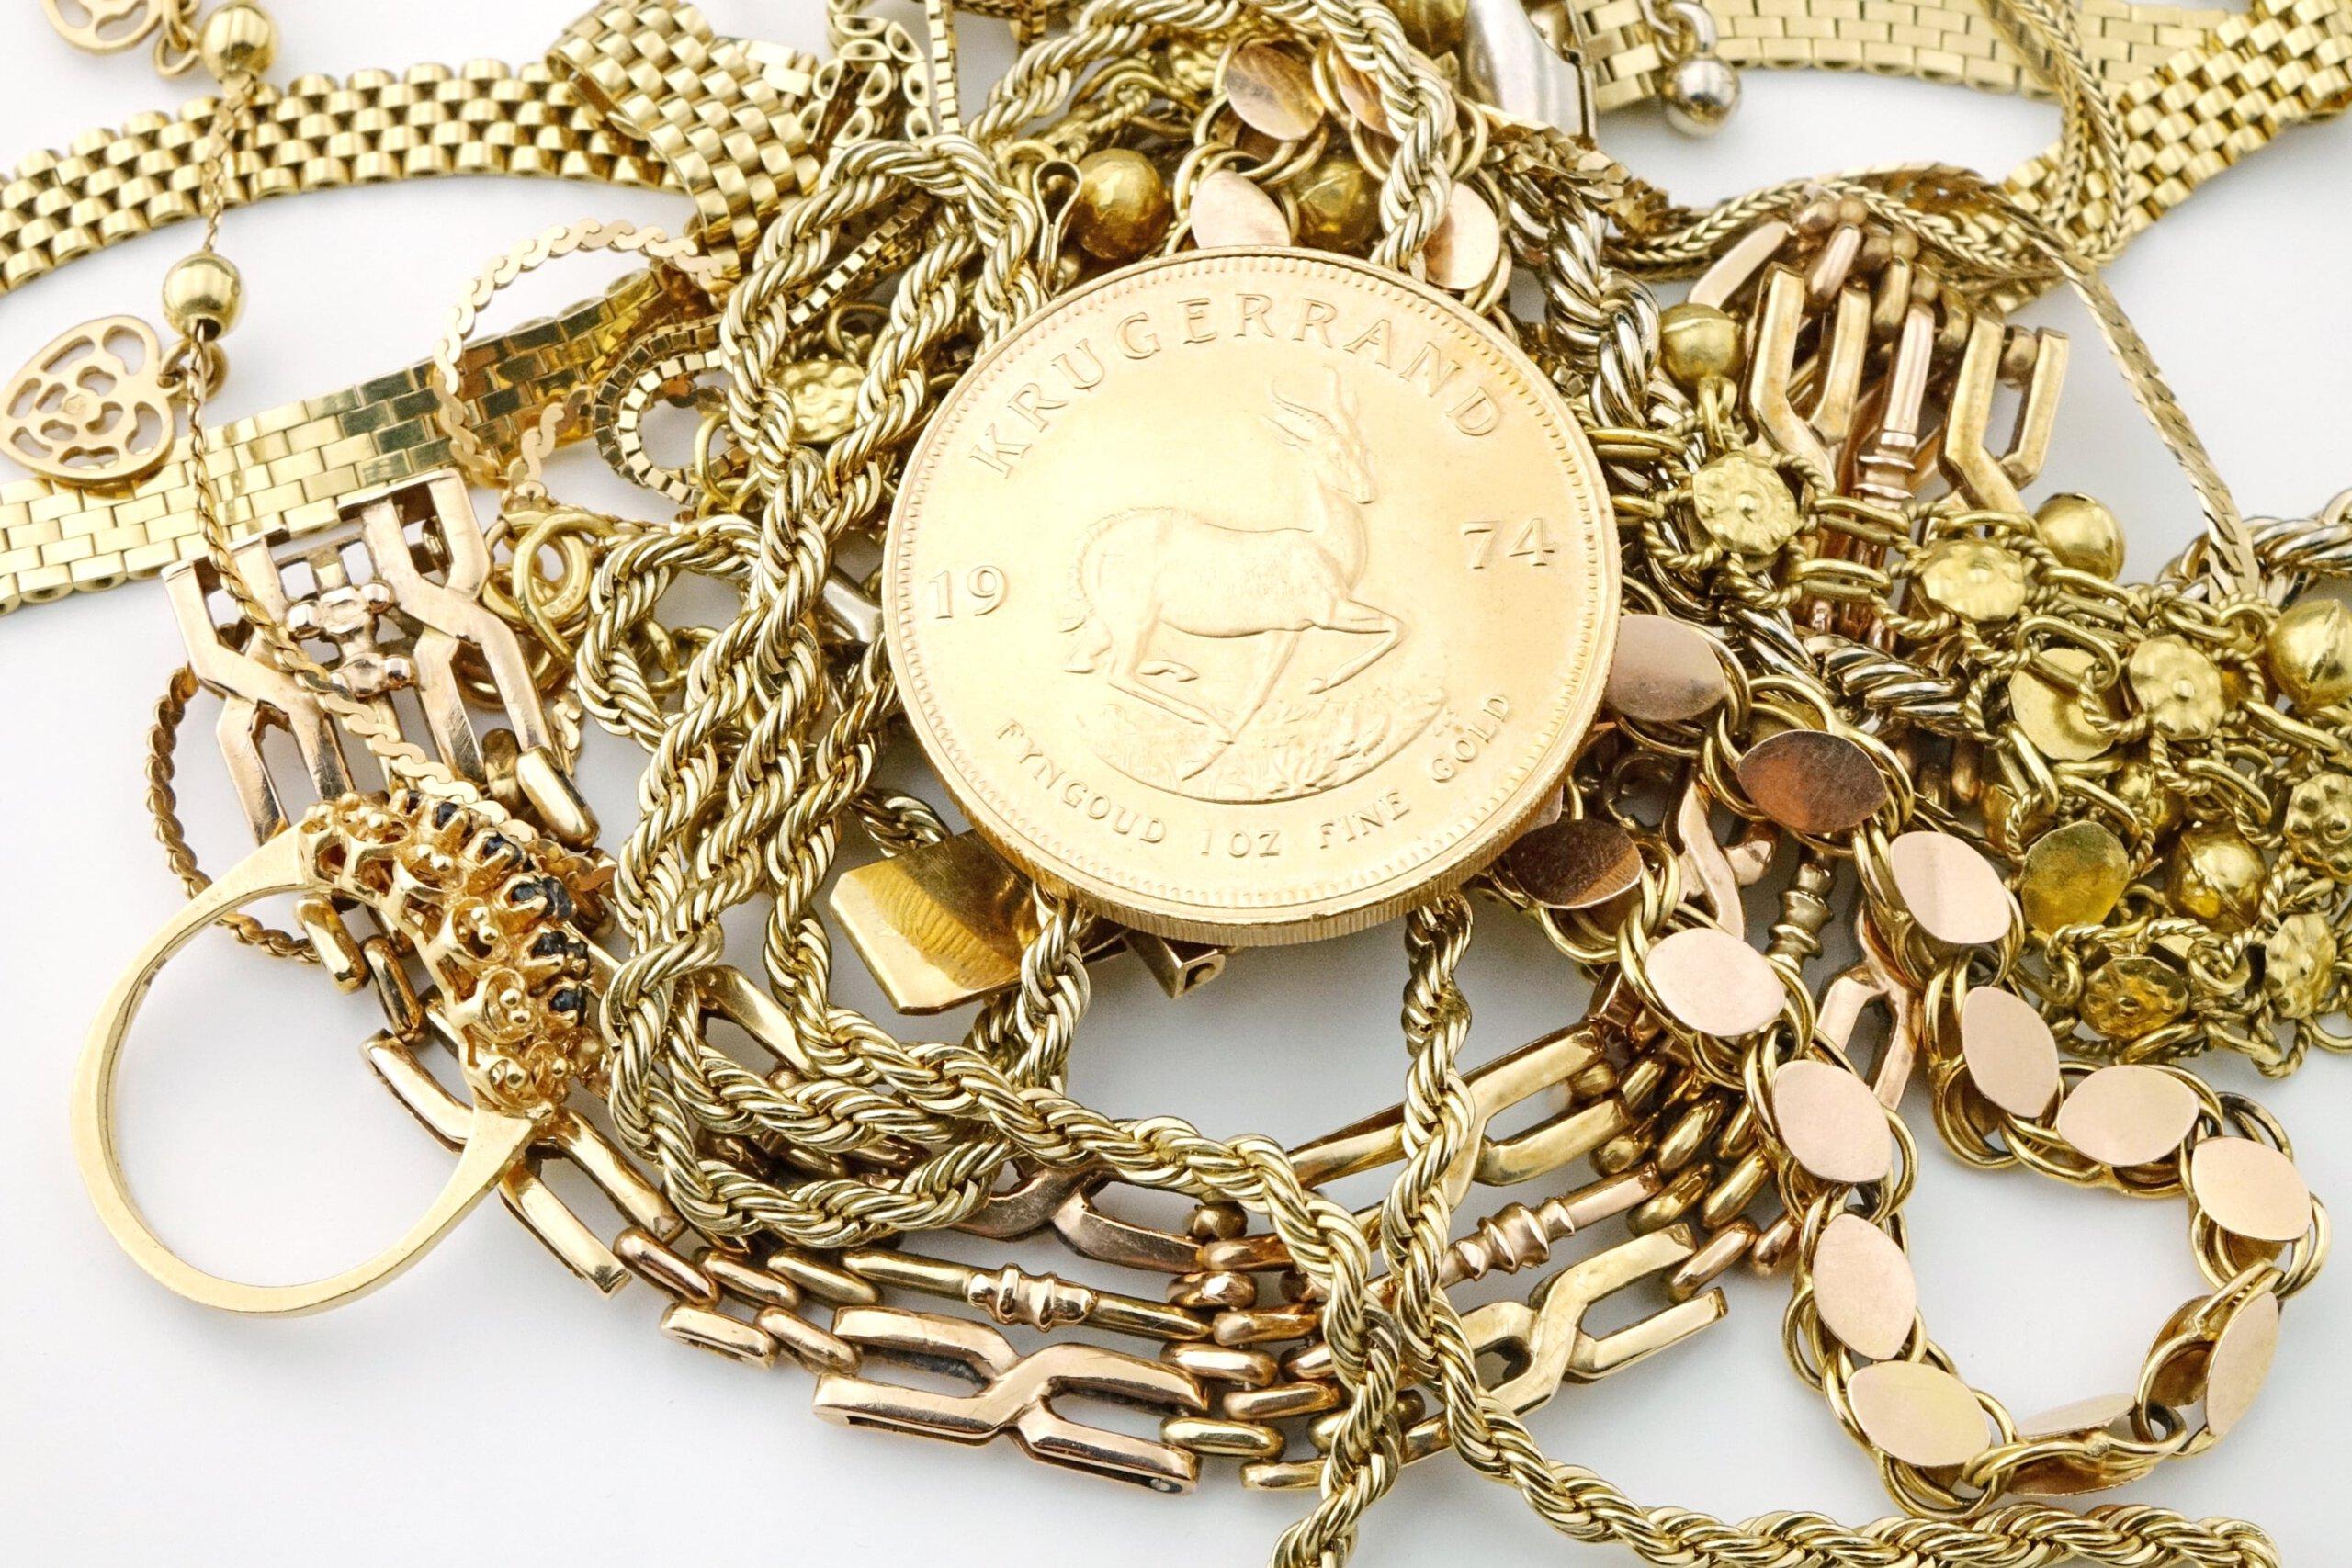 Goldschmuck mit Goldmuenze